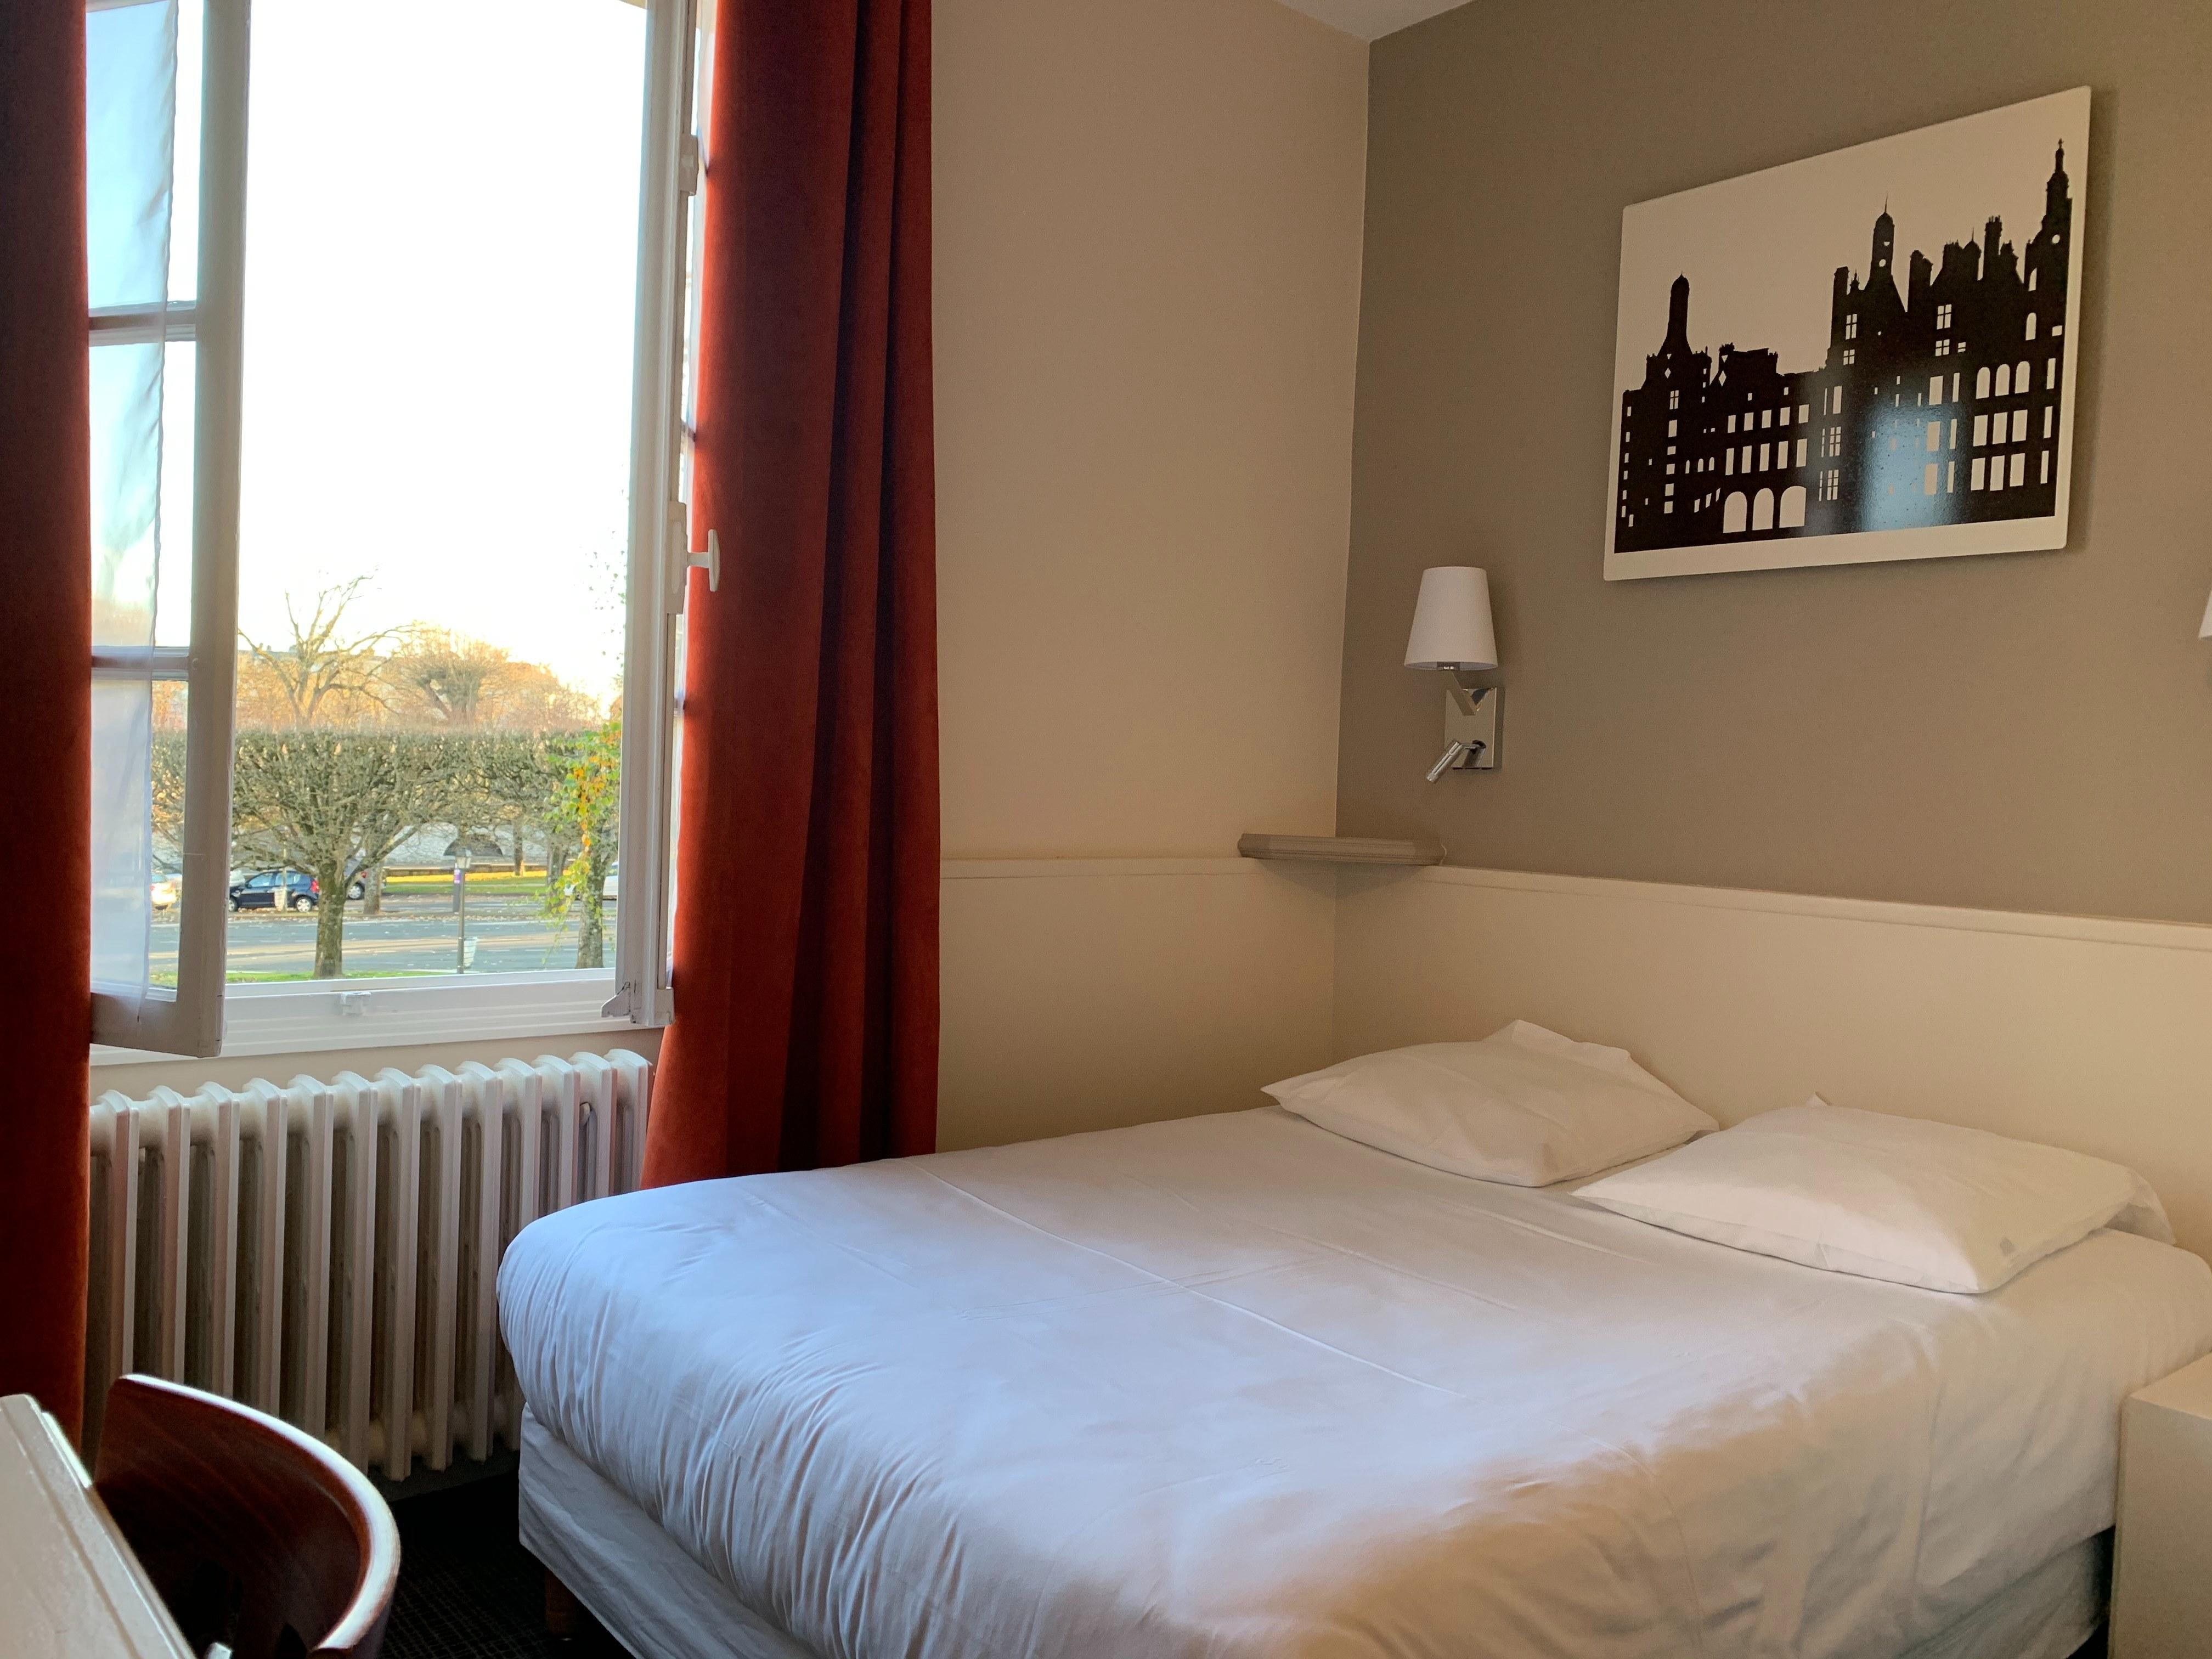 hotel-anne-de-bretagne-blois-centre-ville-chambre-double-tradition-2-personnes